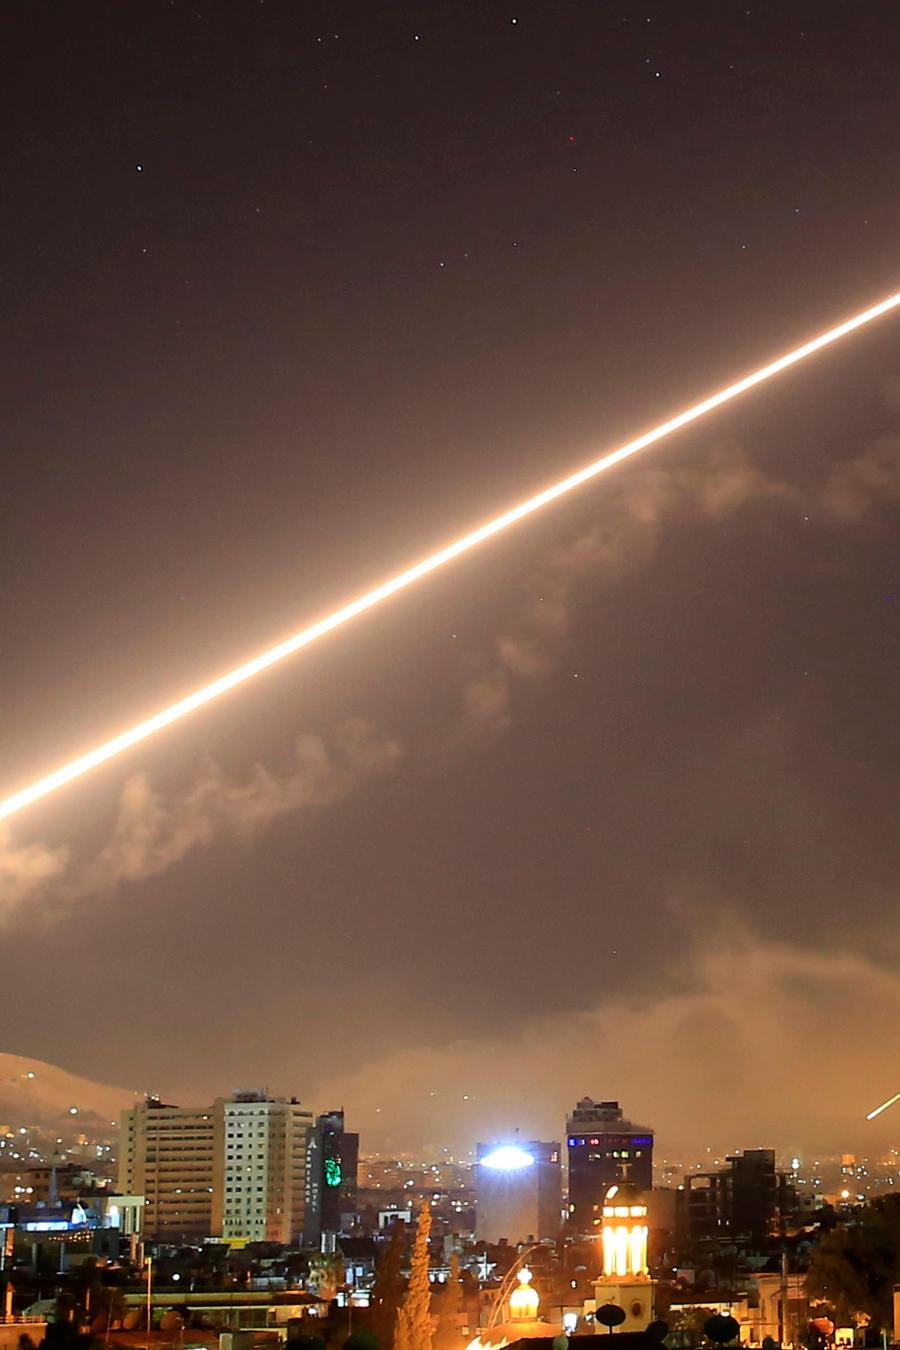 El cielo de Damasco se ilumina por los disparos de misiles tierra-aire lanzados por Estados Unidos contra diferentes partes de la capital siria, Damasco, la madrugada del sábado 14 de abril de 2018.